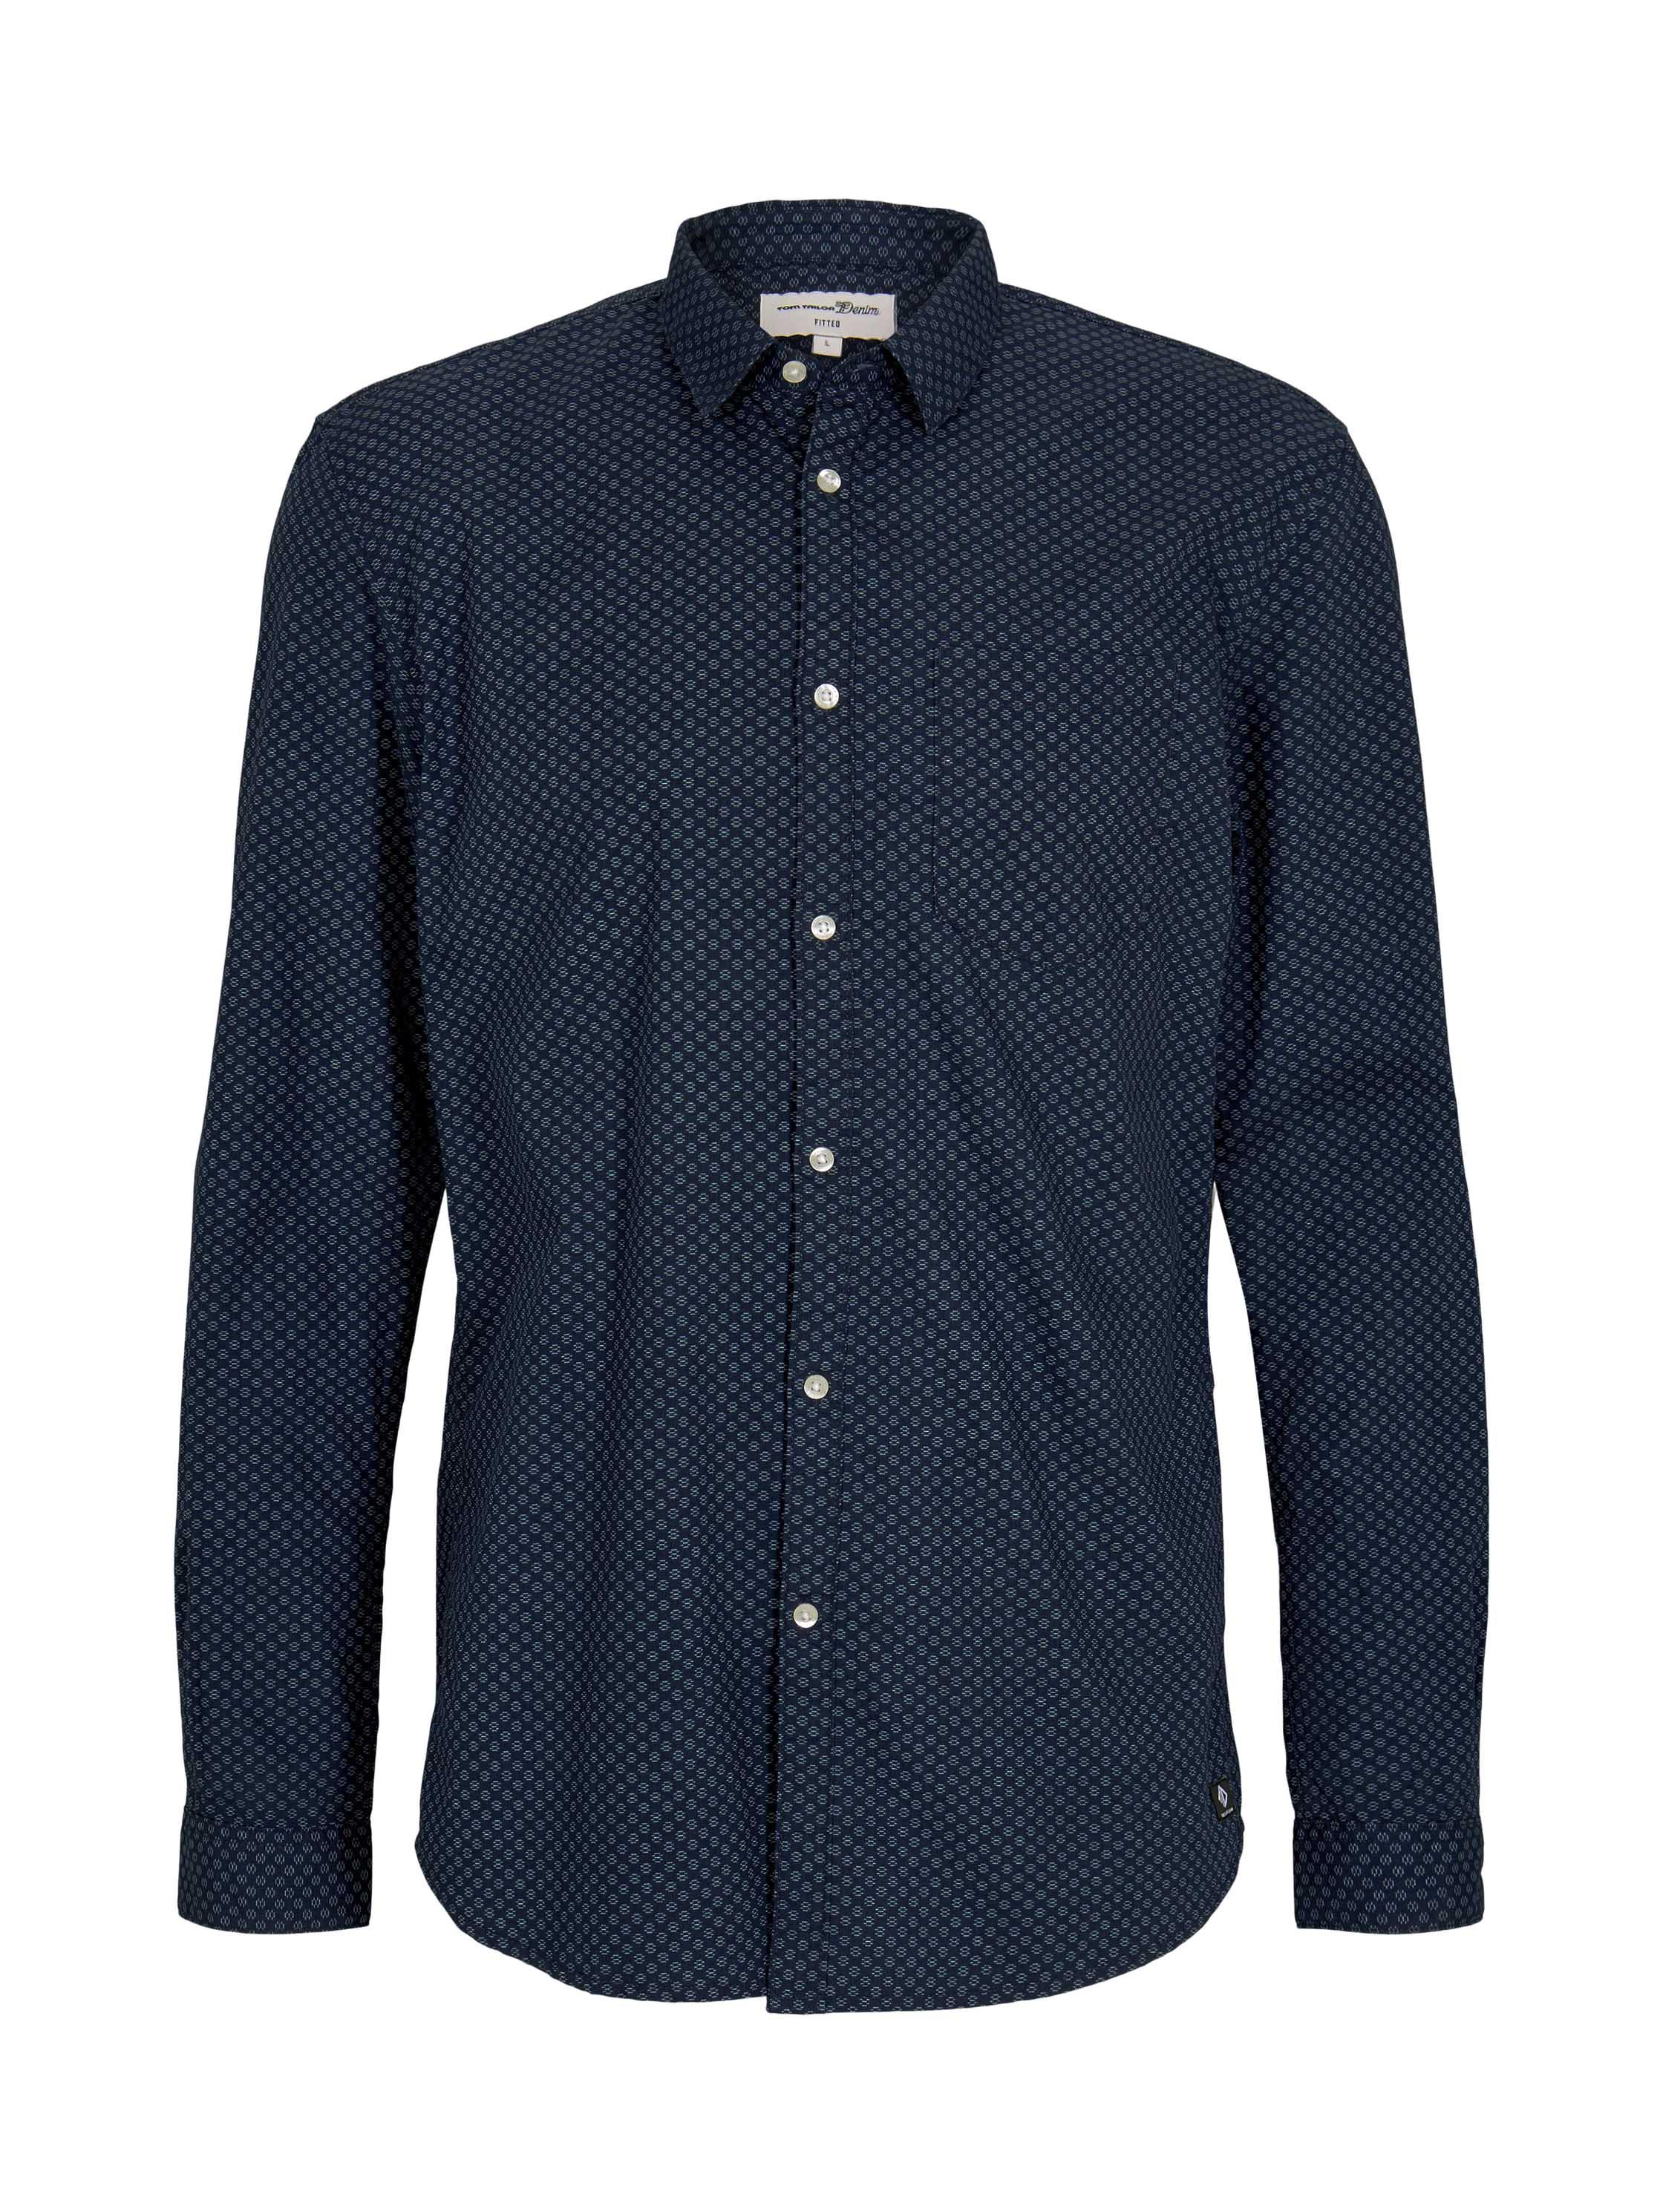 allover printed shirt, navy abstract print